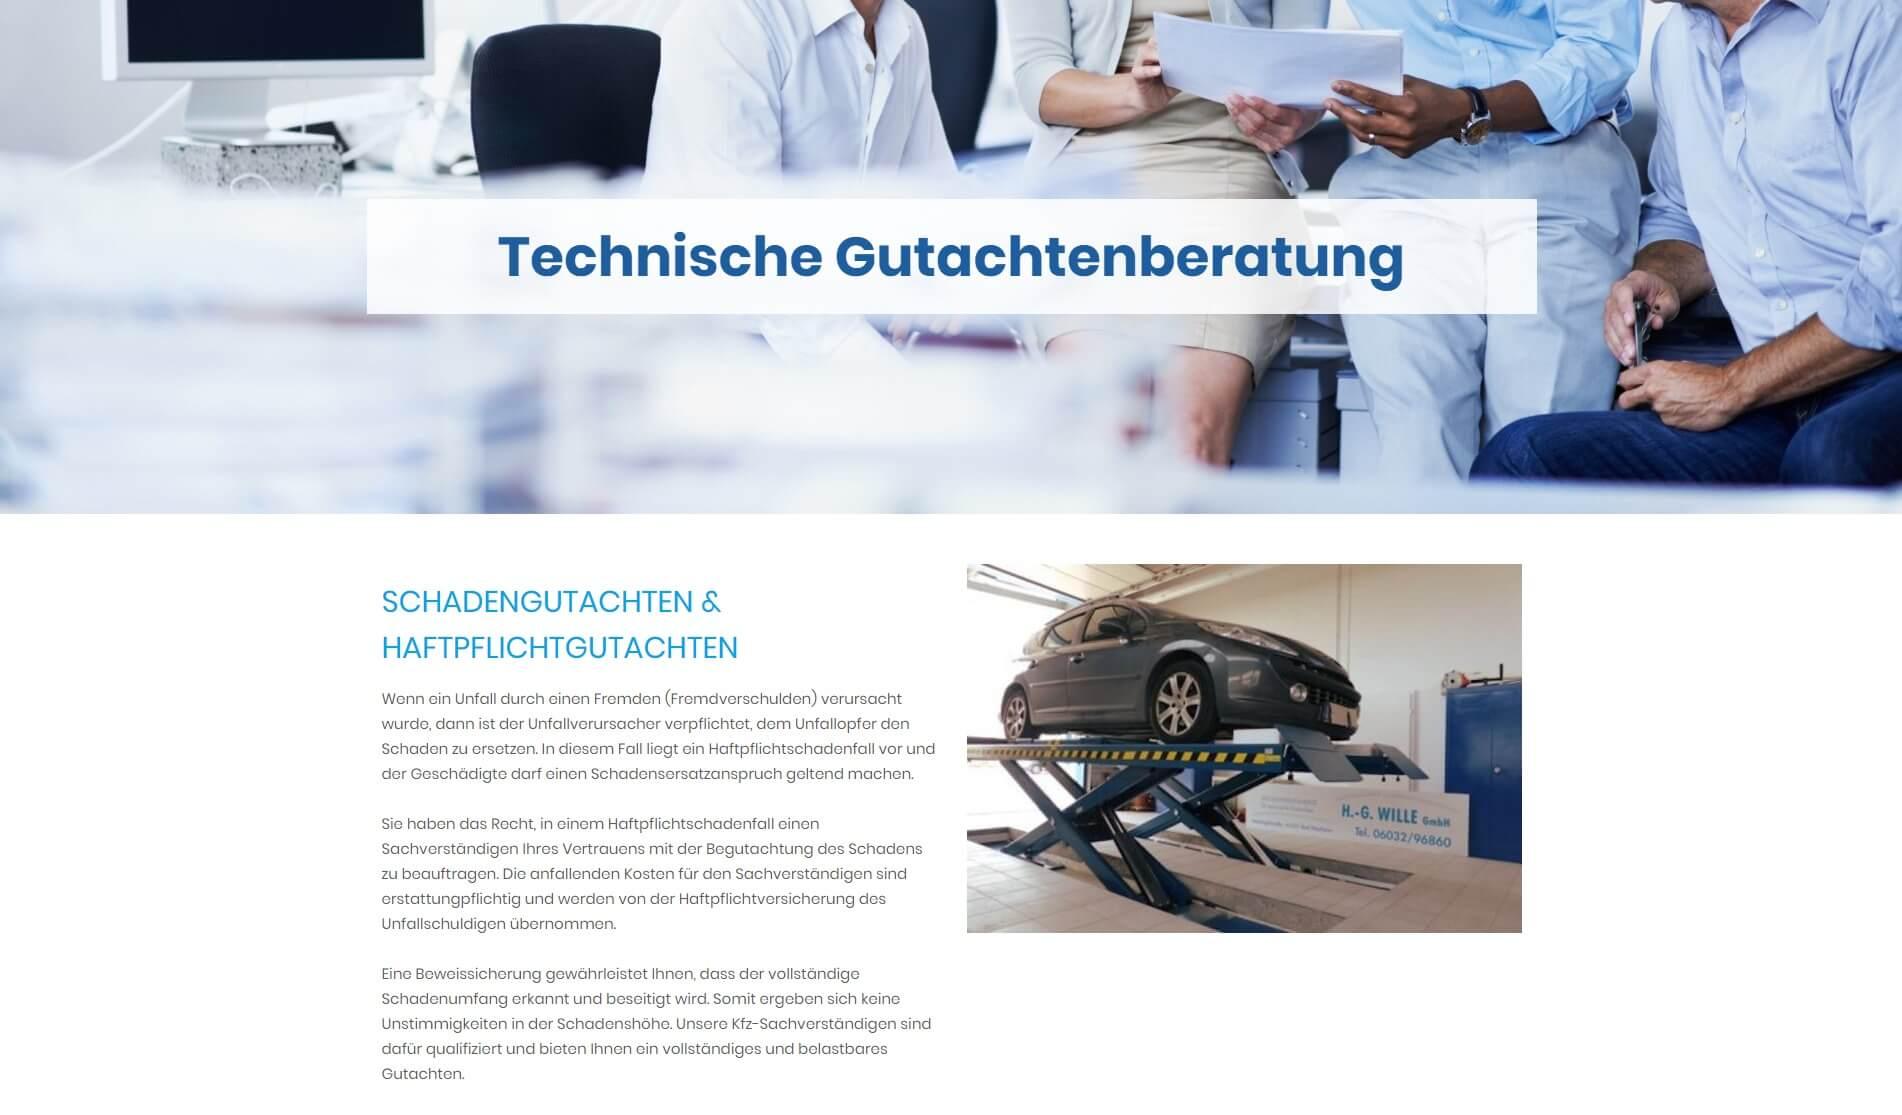 Image of KFZ-Sachverständige für technische Gutachten H.-G. WILLE GmbH